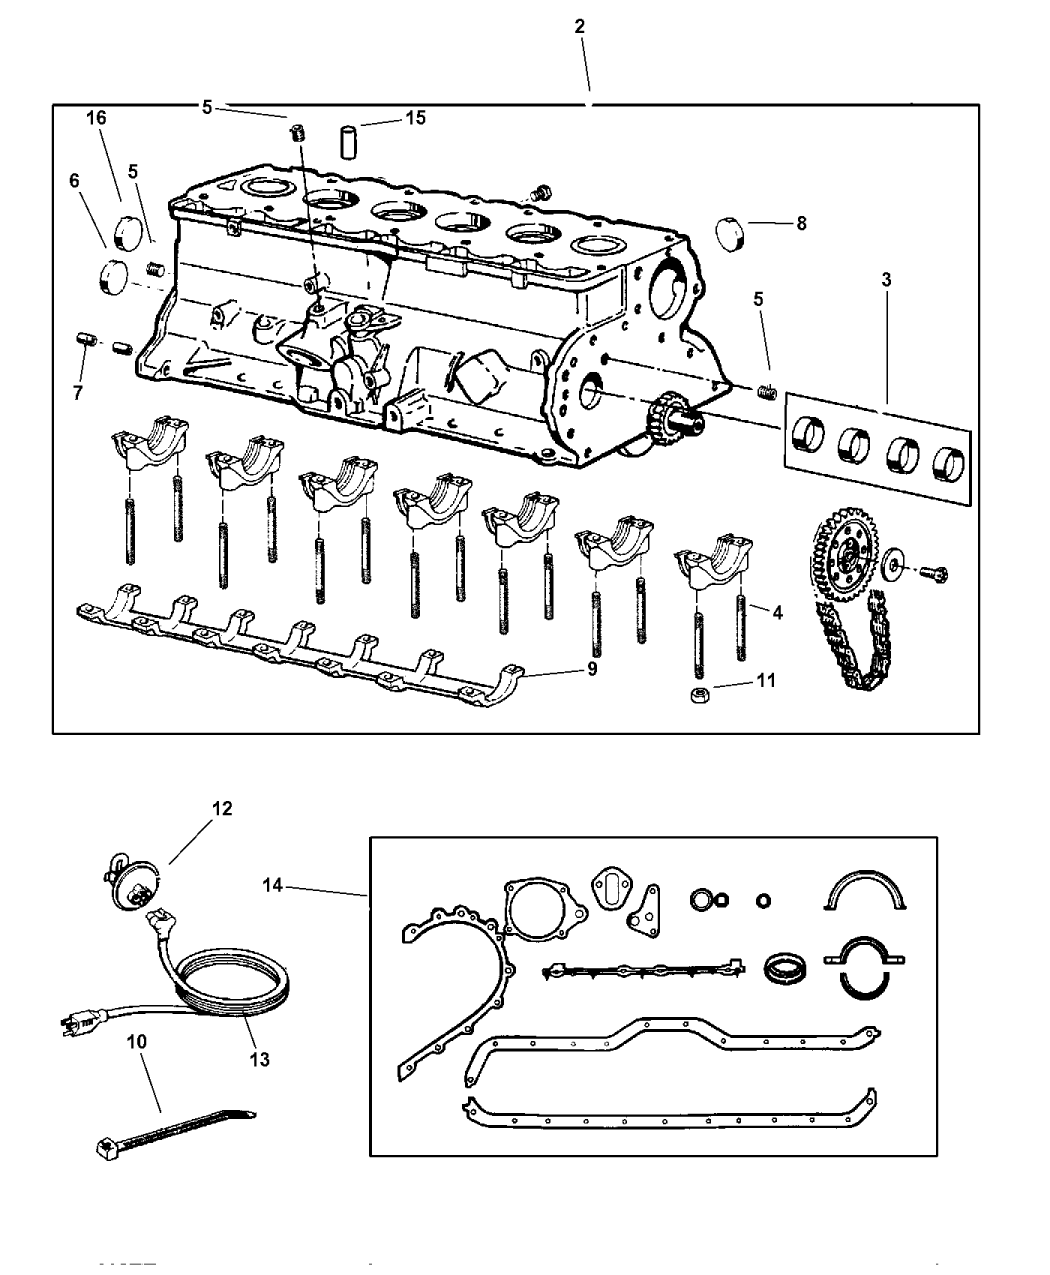 pontiac 2 4 engine diagram cam senser 4636985ab - genuine jeep bearing-camshaft jeep engine diagram cam #1